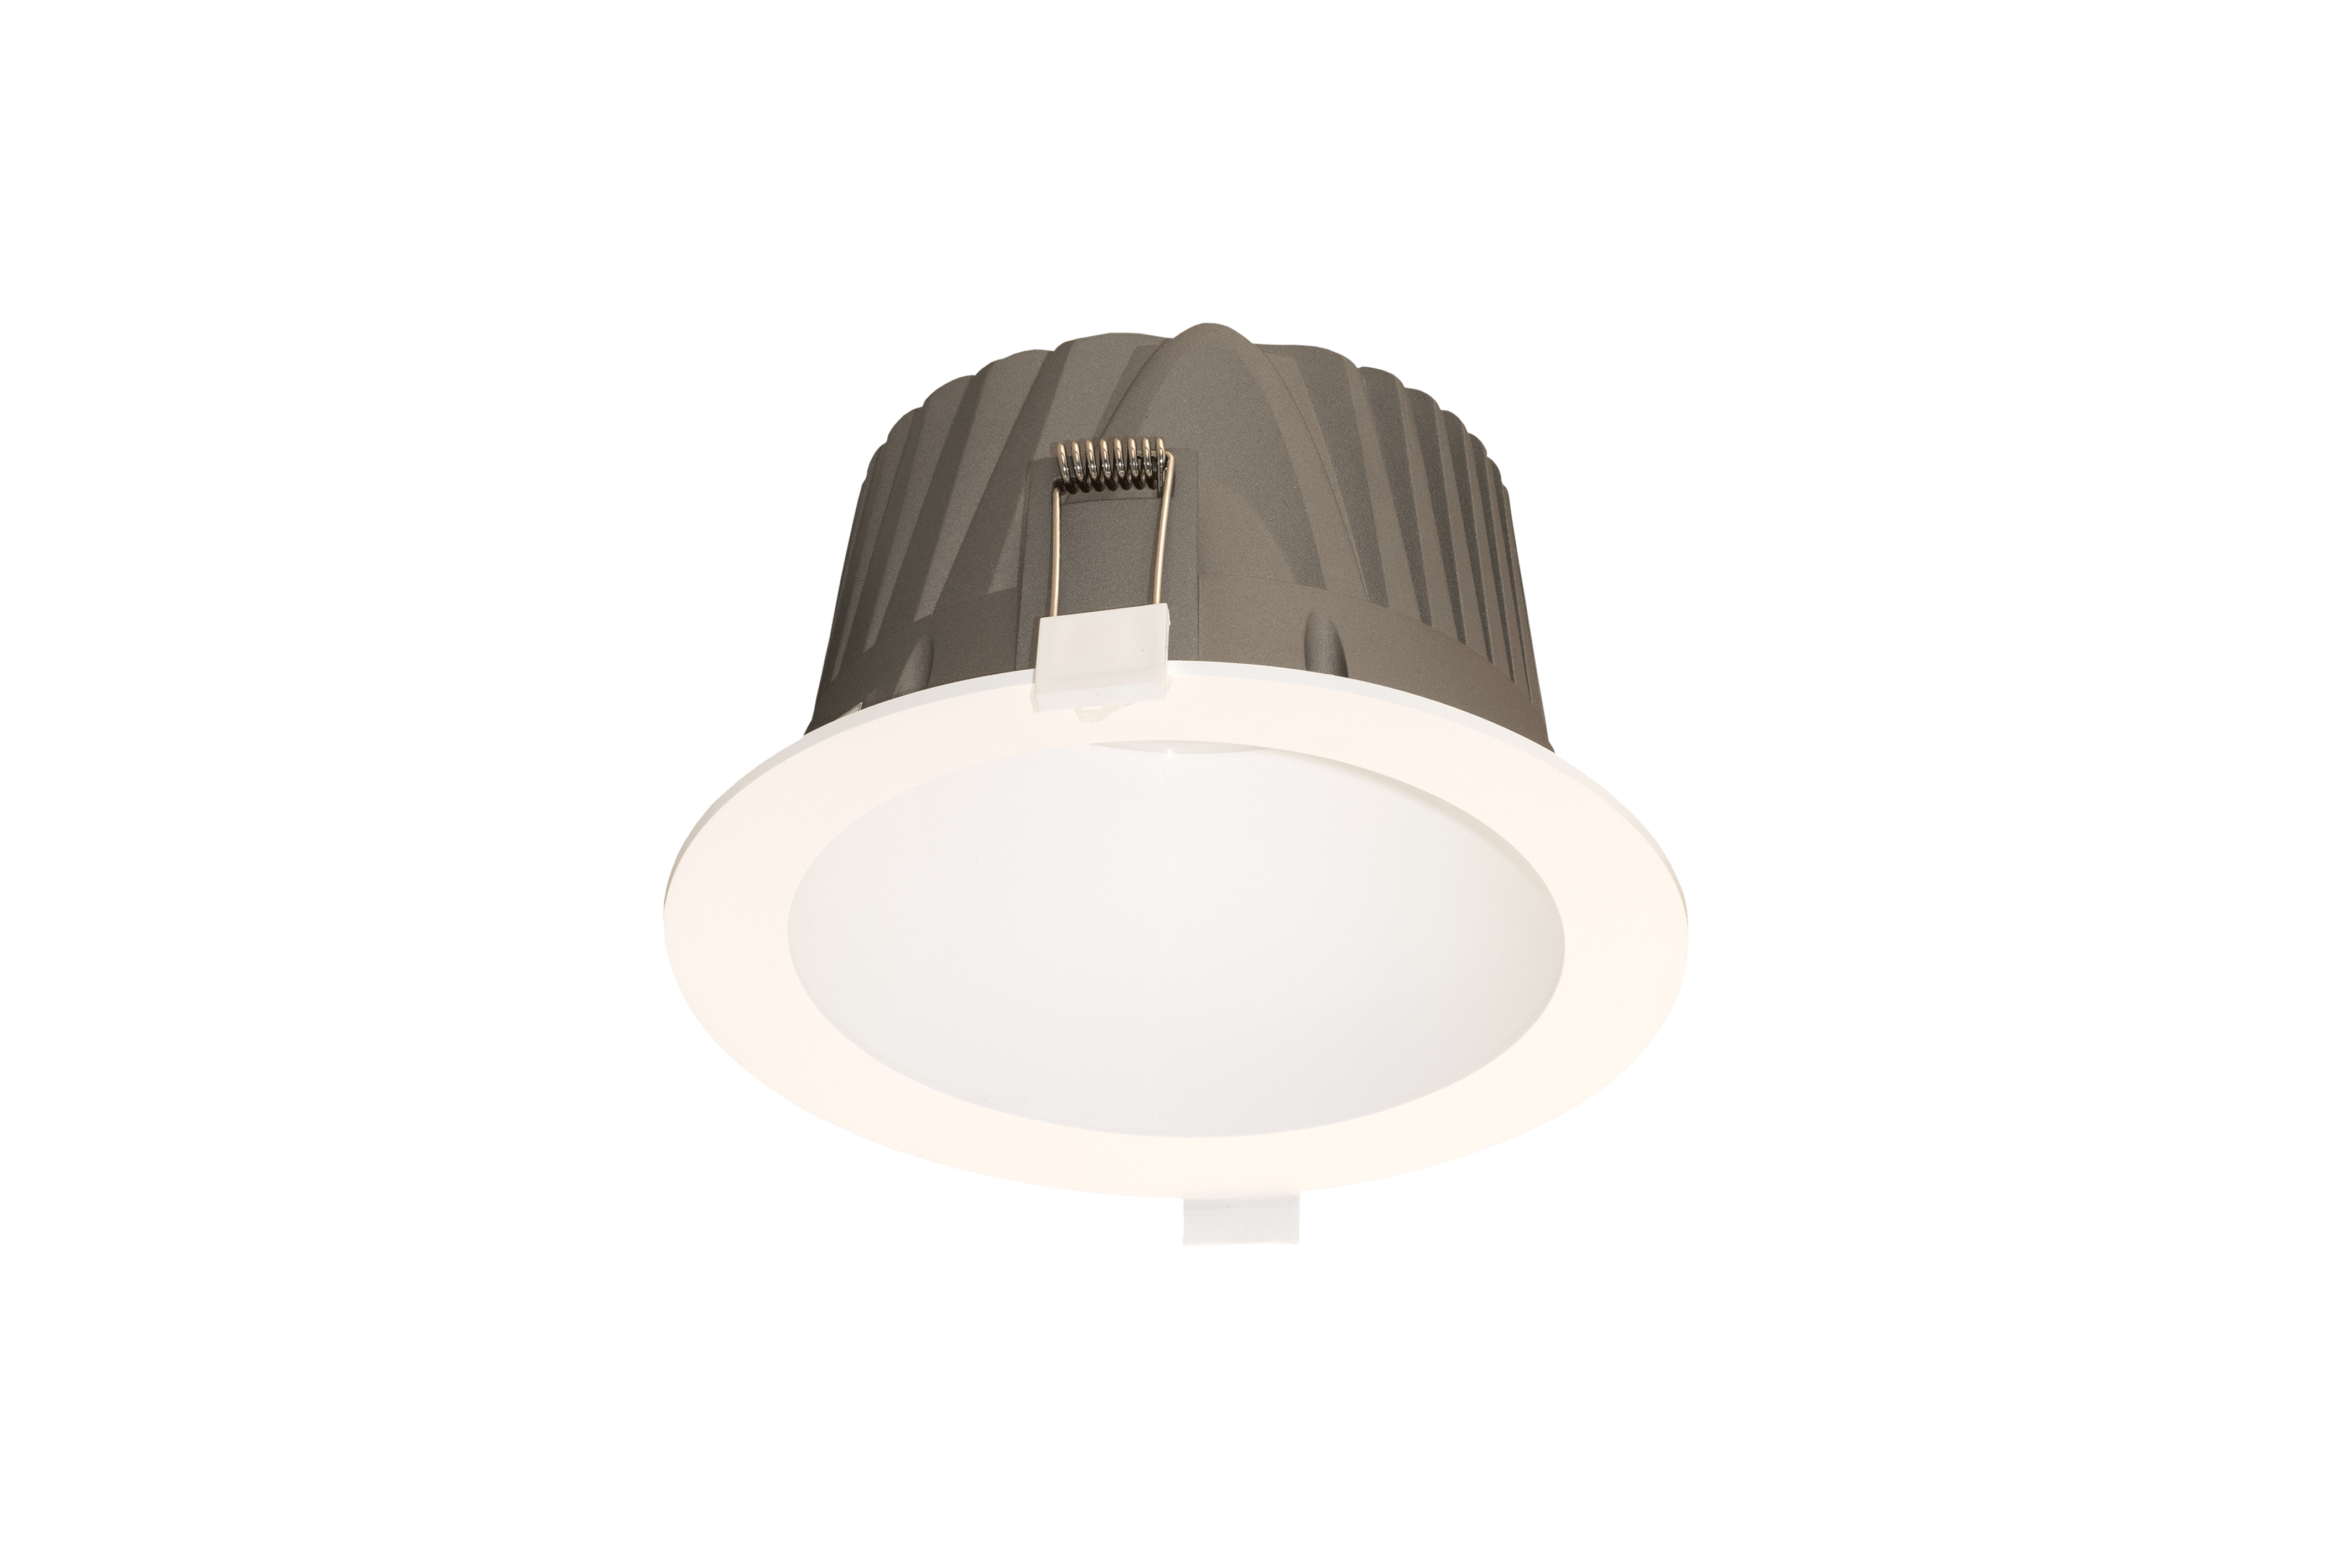 Sh cc downlight luxi illuminazione